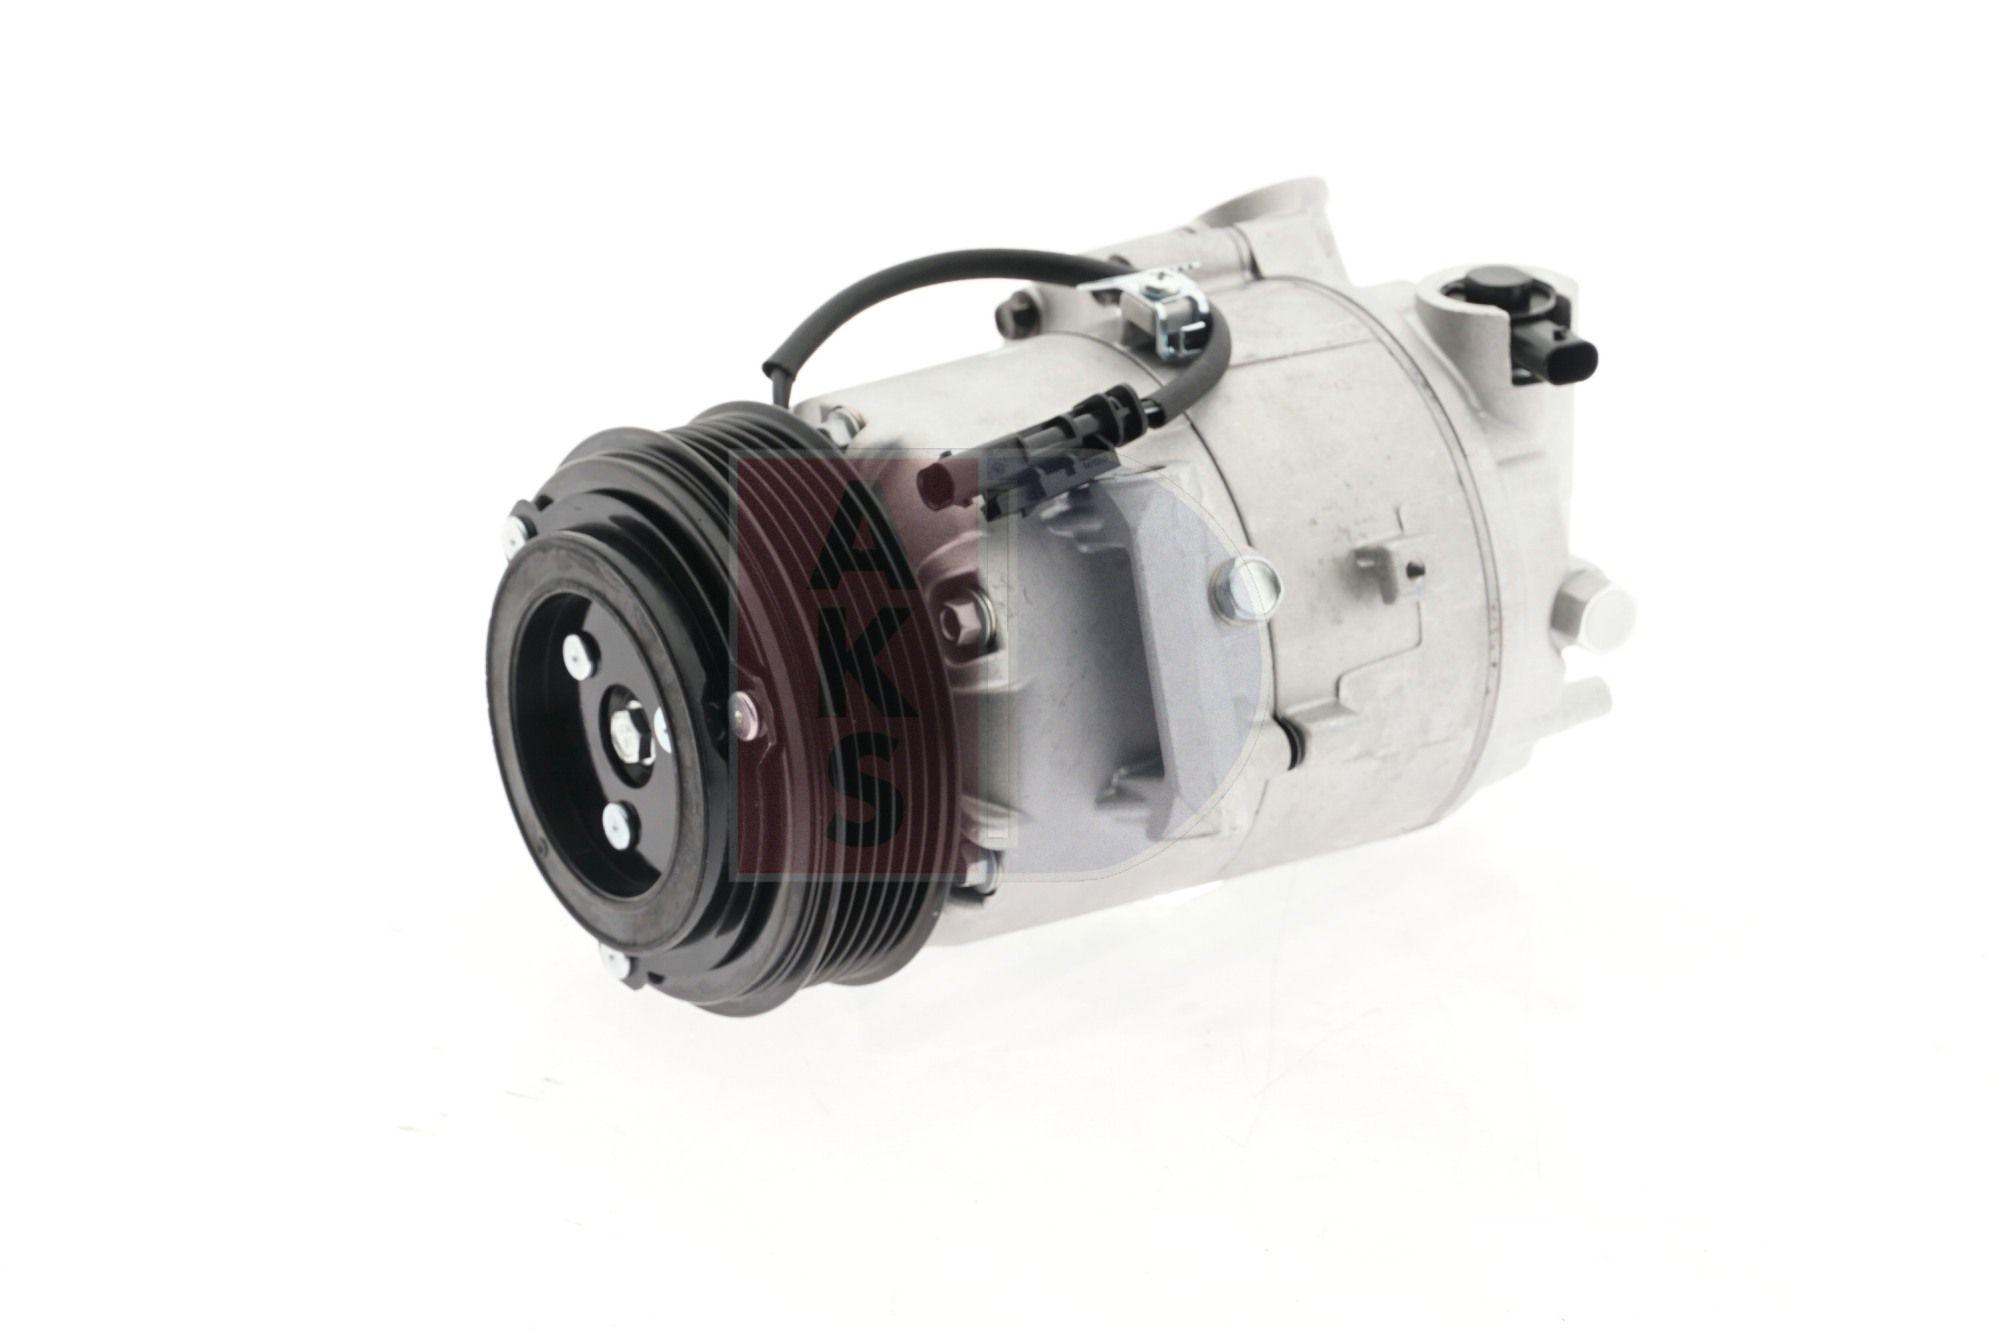 Kompressor Opel Zafira C Tourer 2017 - AKS DASIS 852687N (Riemenscheiben-Ø: 110mm)